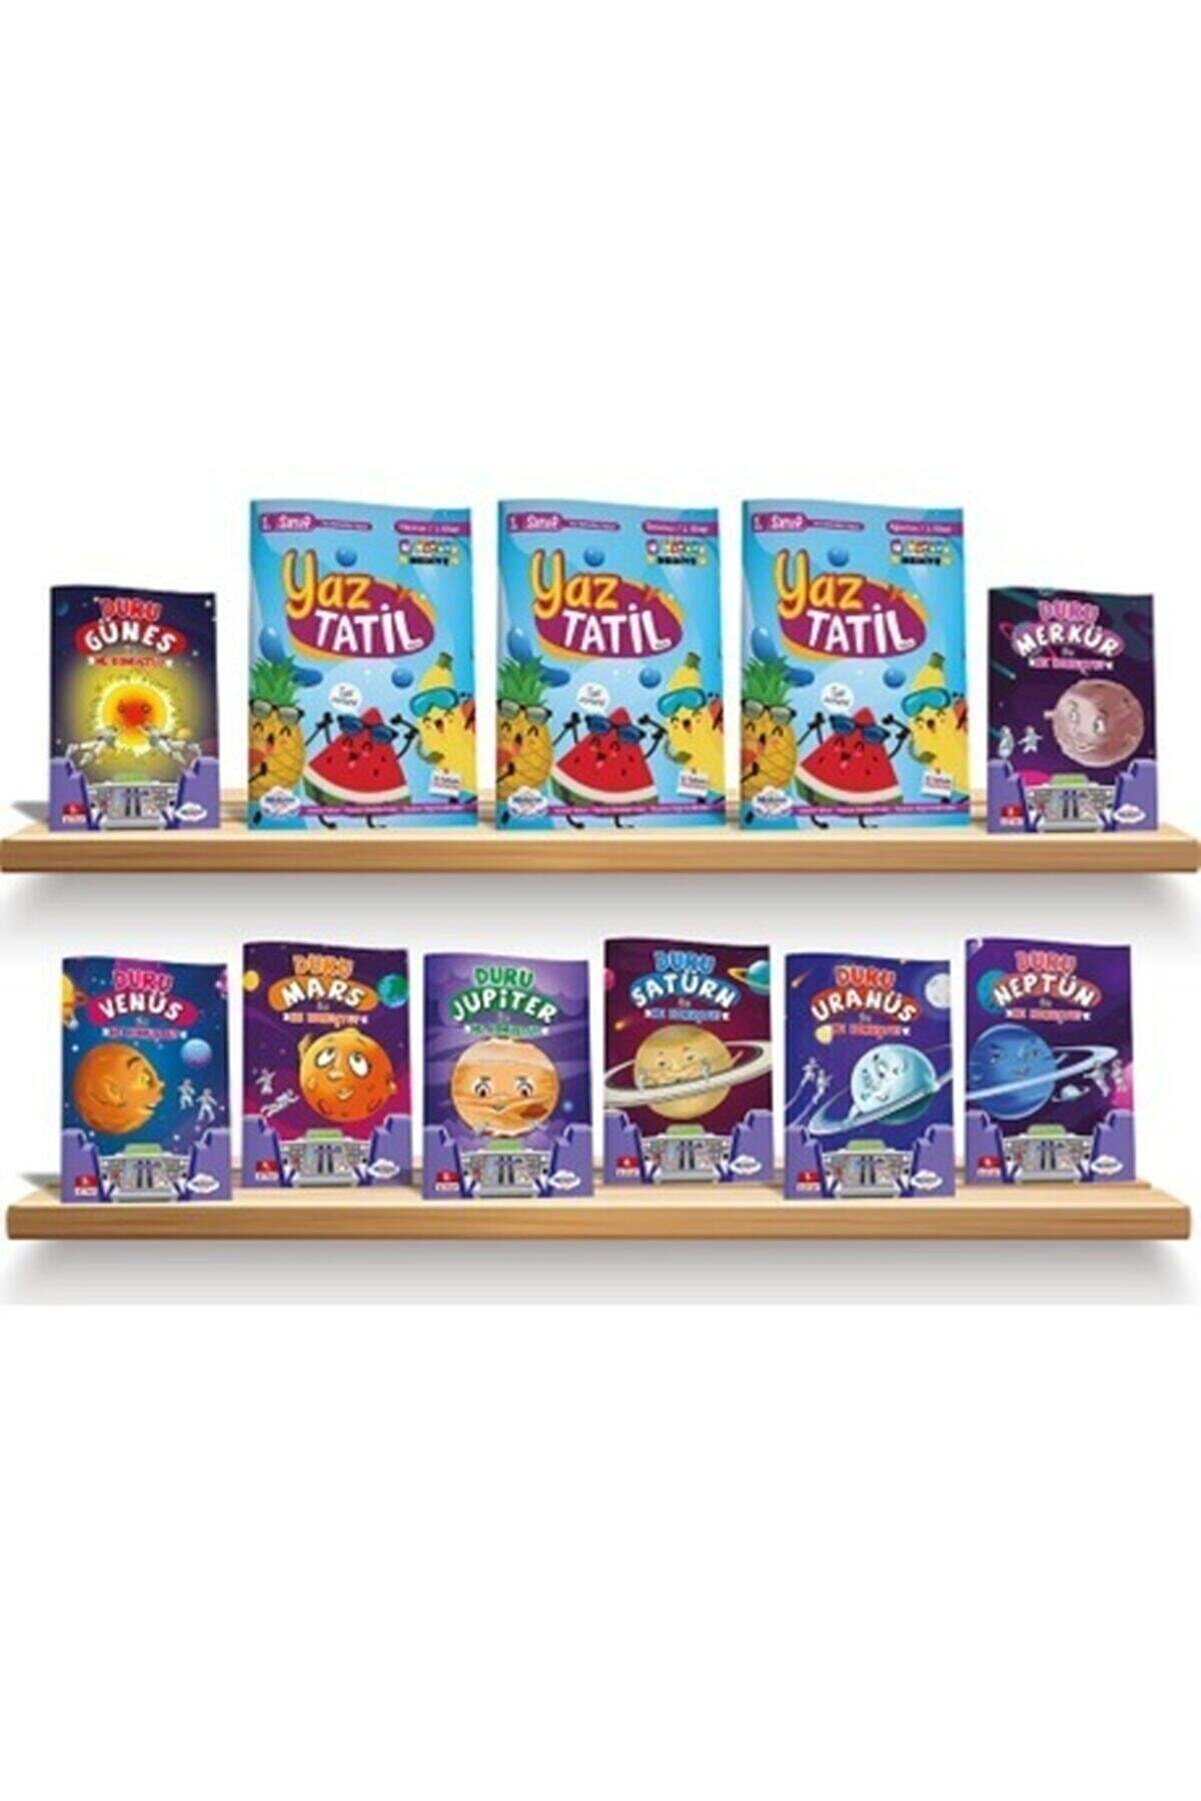 Öğretmen Evde İlkokul Yayınları 1.sınıf Yaz Tatil Kitabı Seti – Öğretmen Evde Yayınları